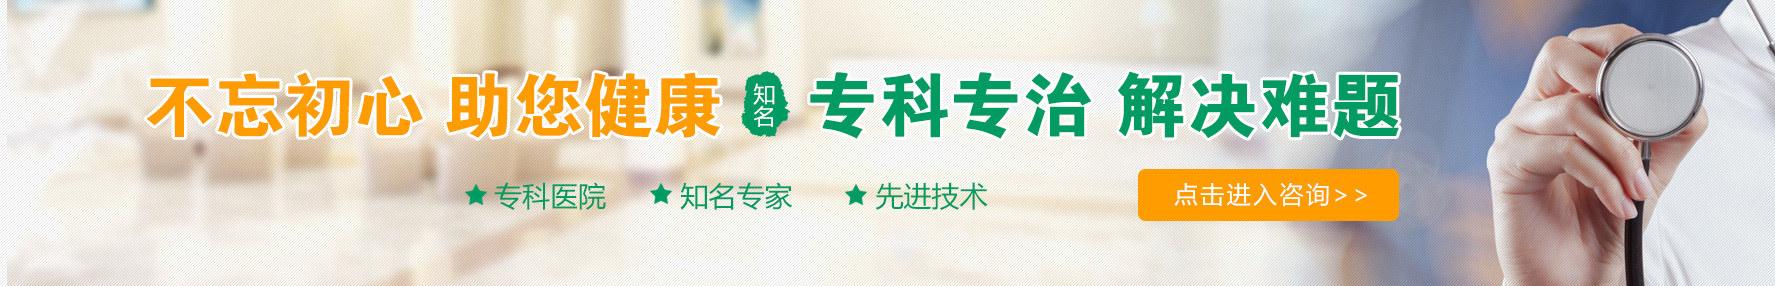 北京静脉曲张医院